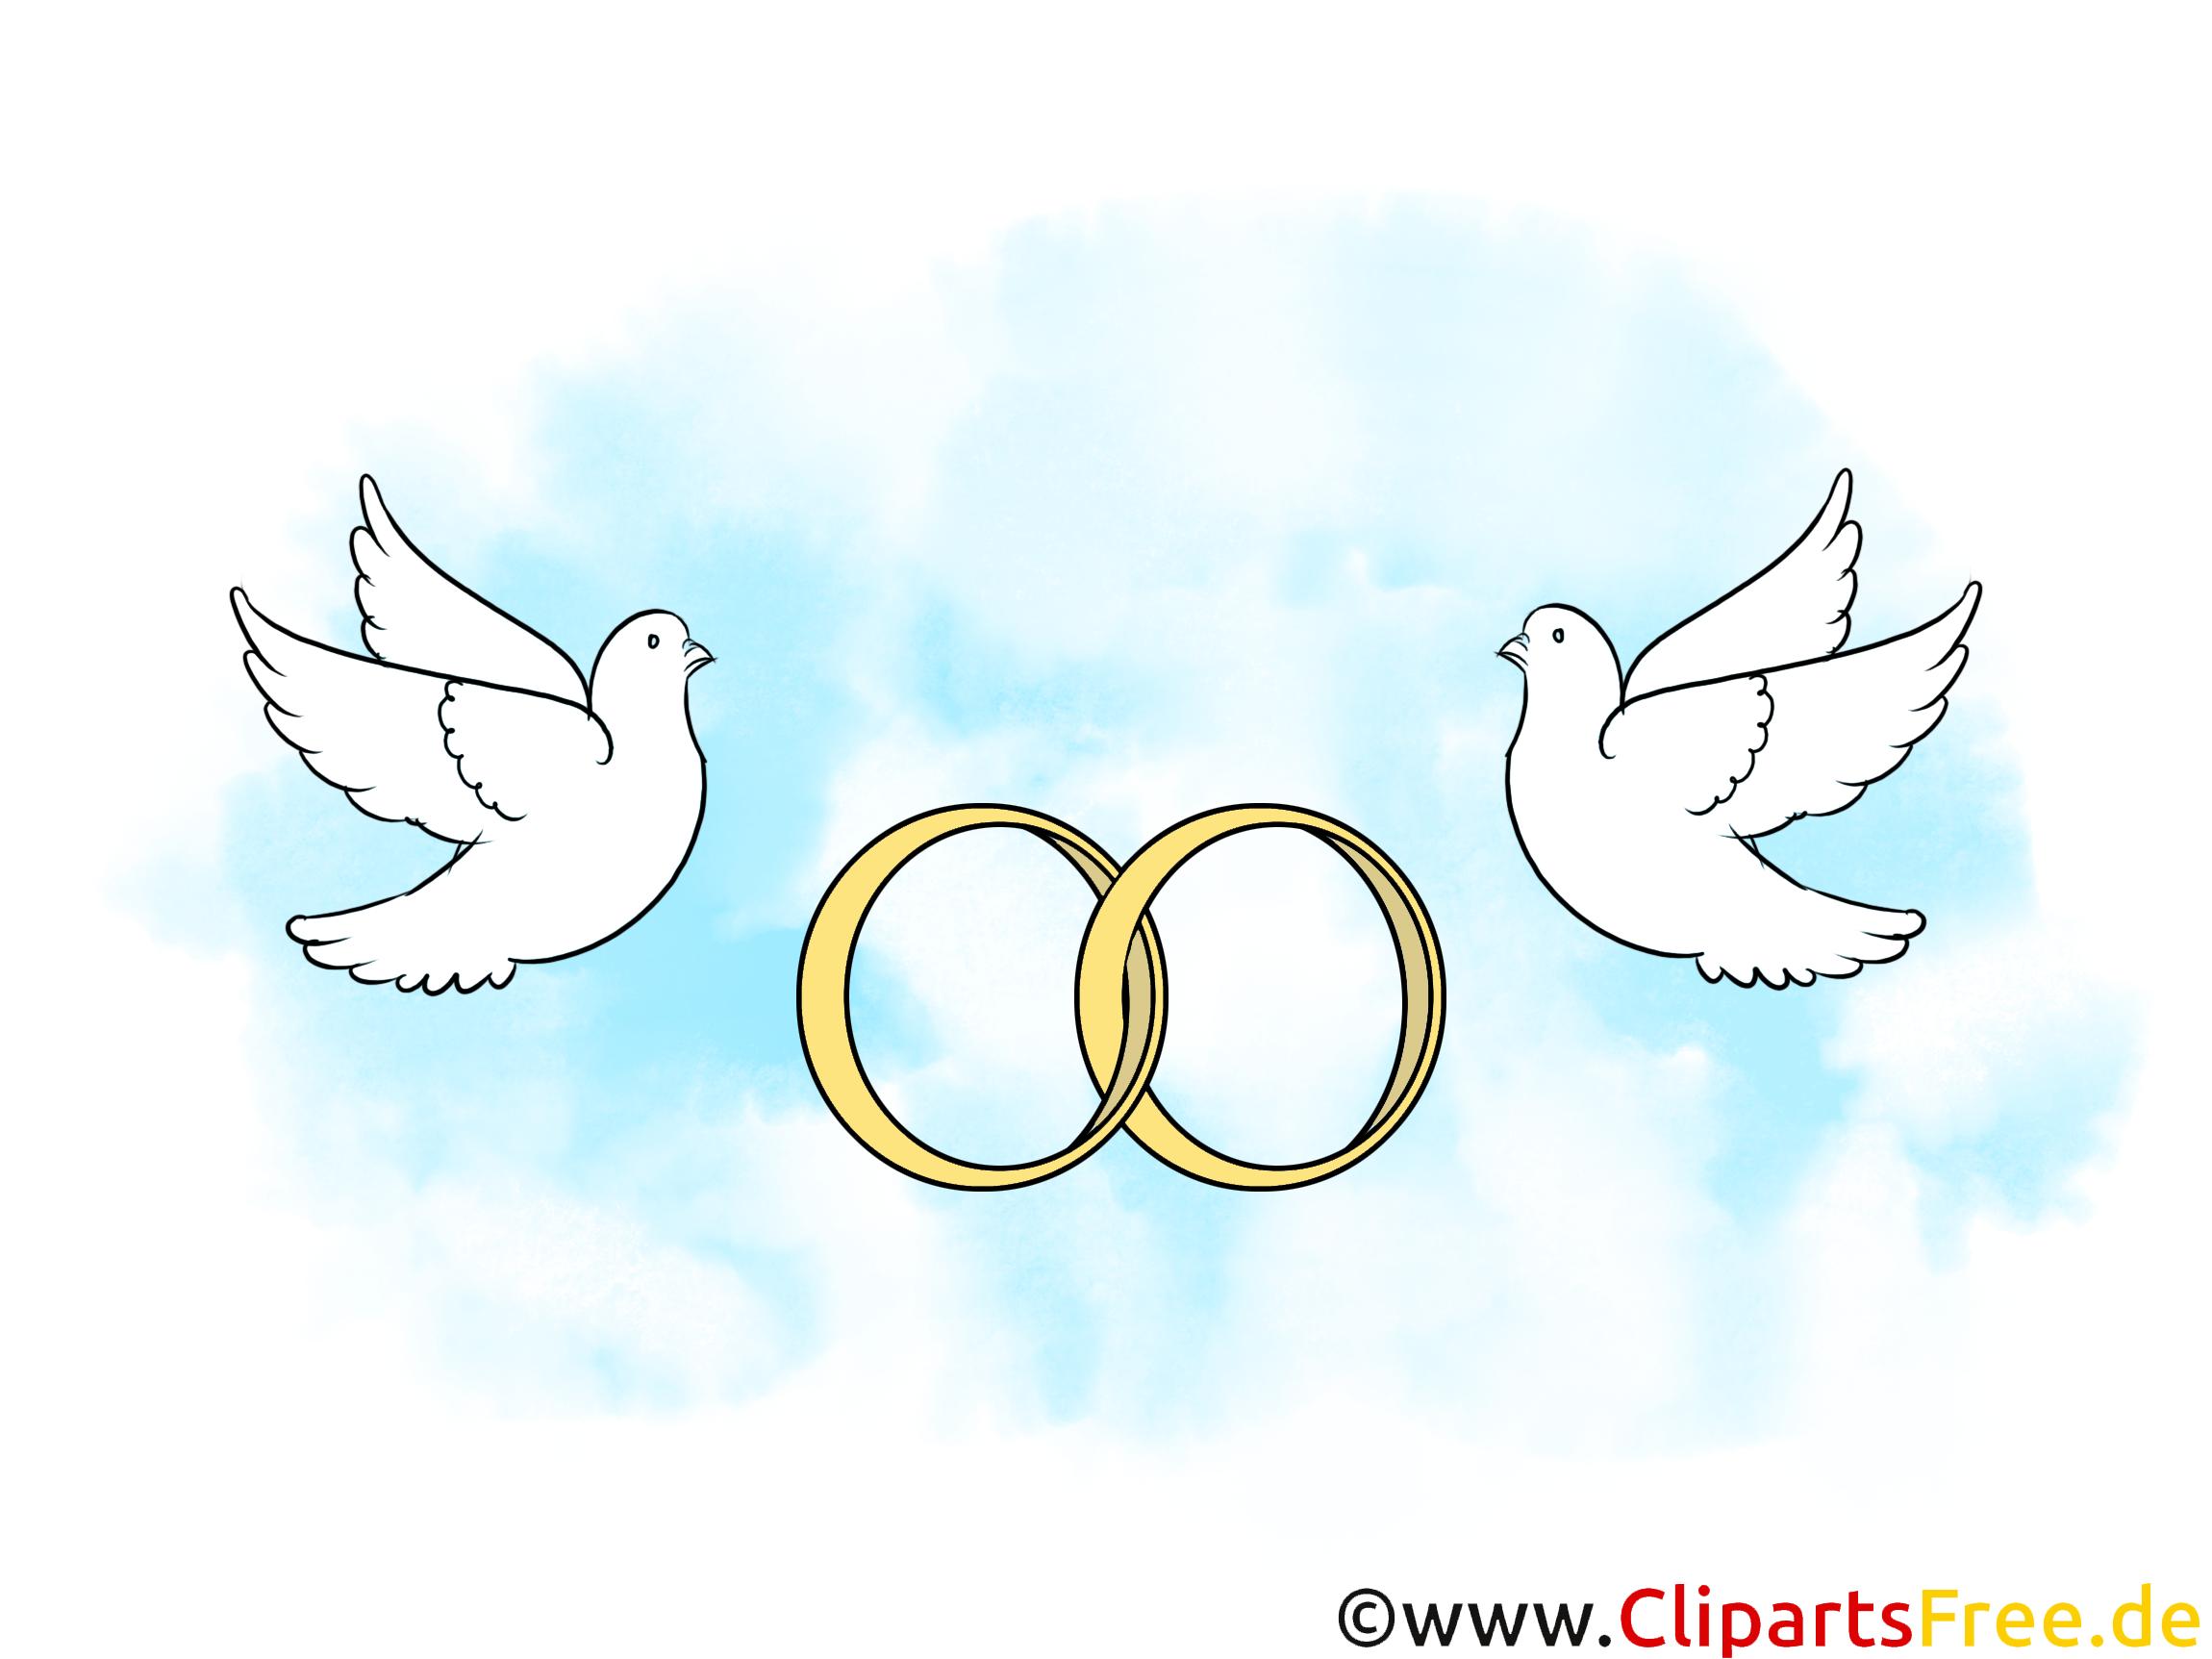 Eheringe mit Tauben Hochzeitsbilder, Cliparts